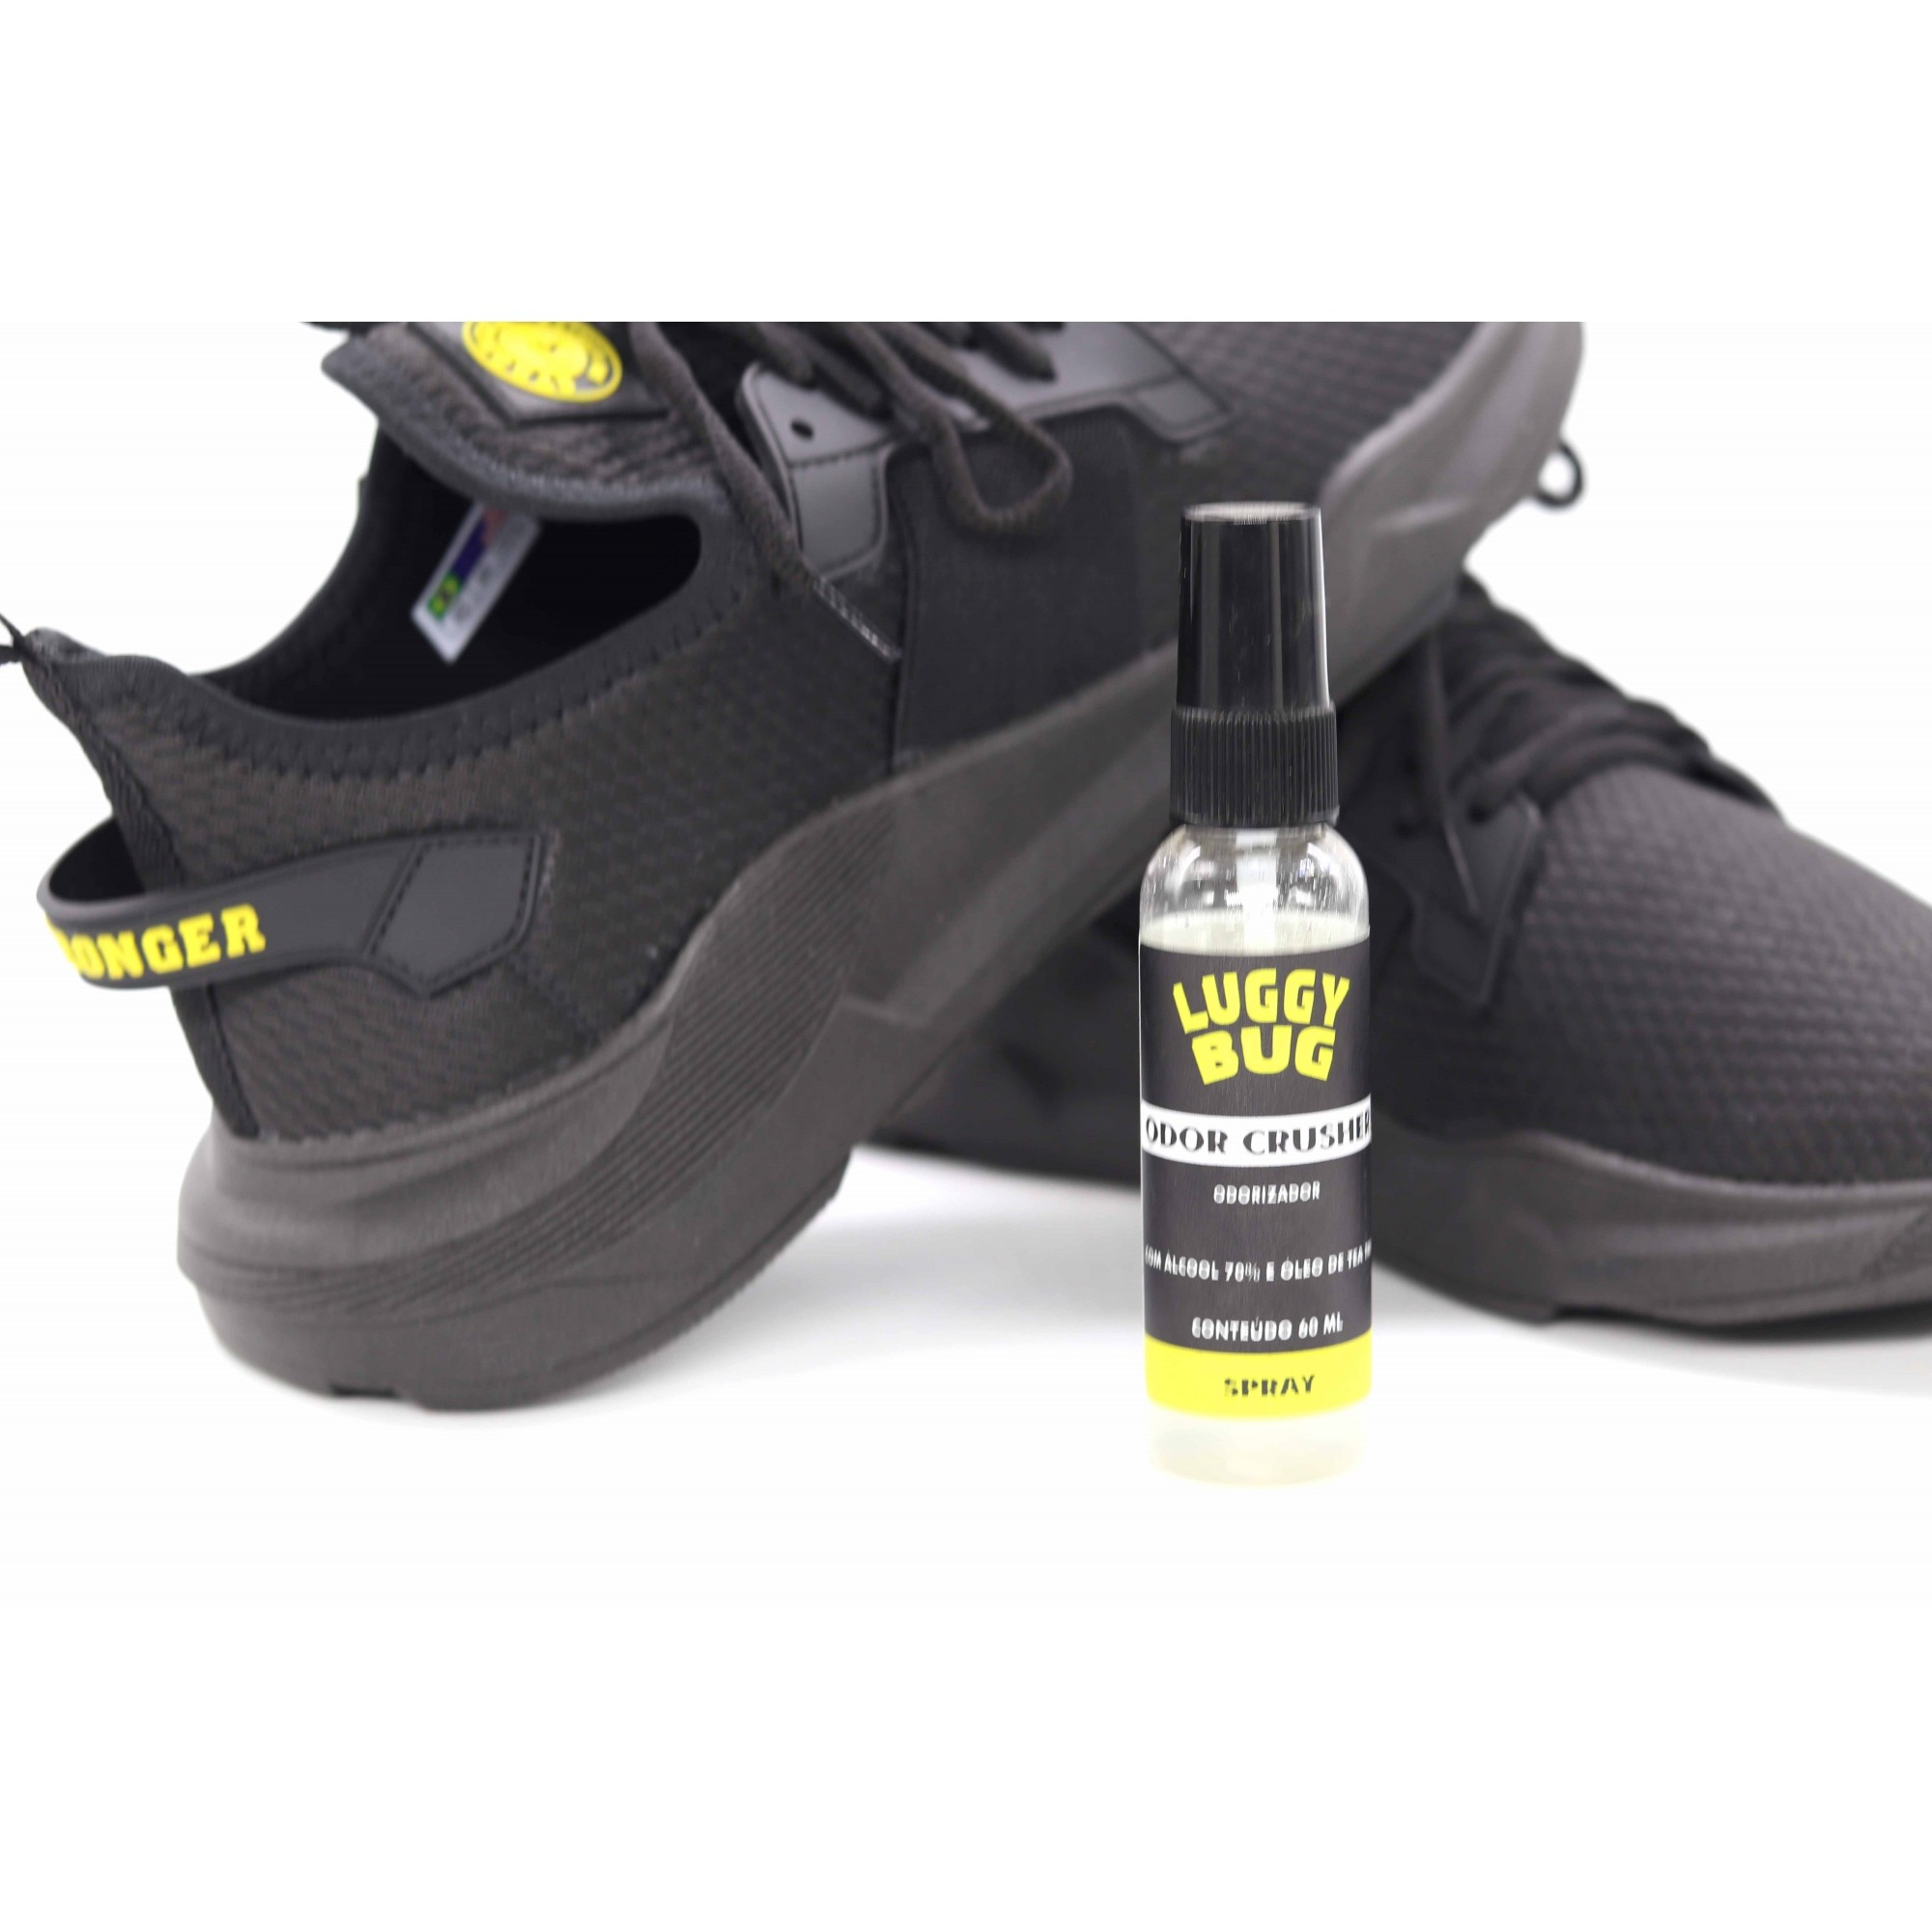 Odorizador para materiais esportivos - Odor Crusher